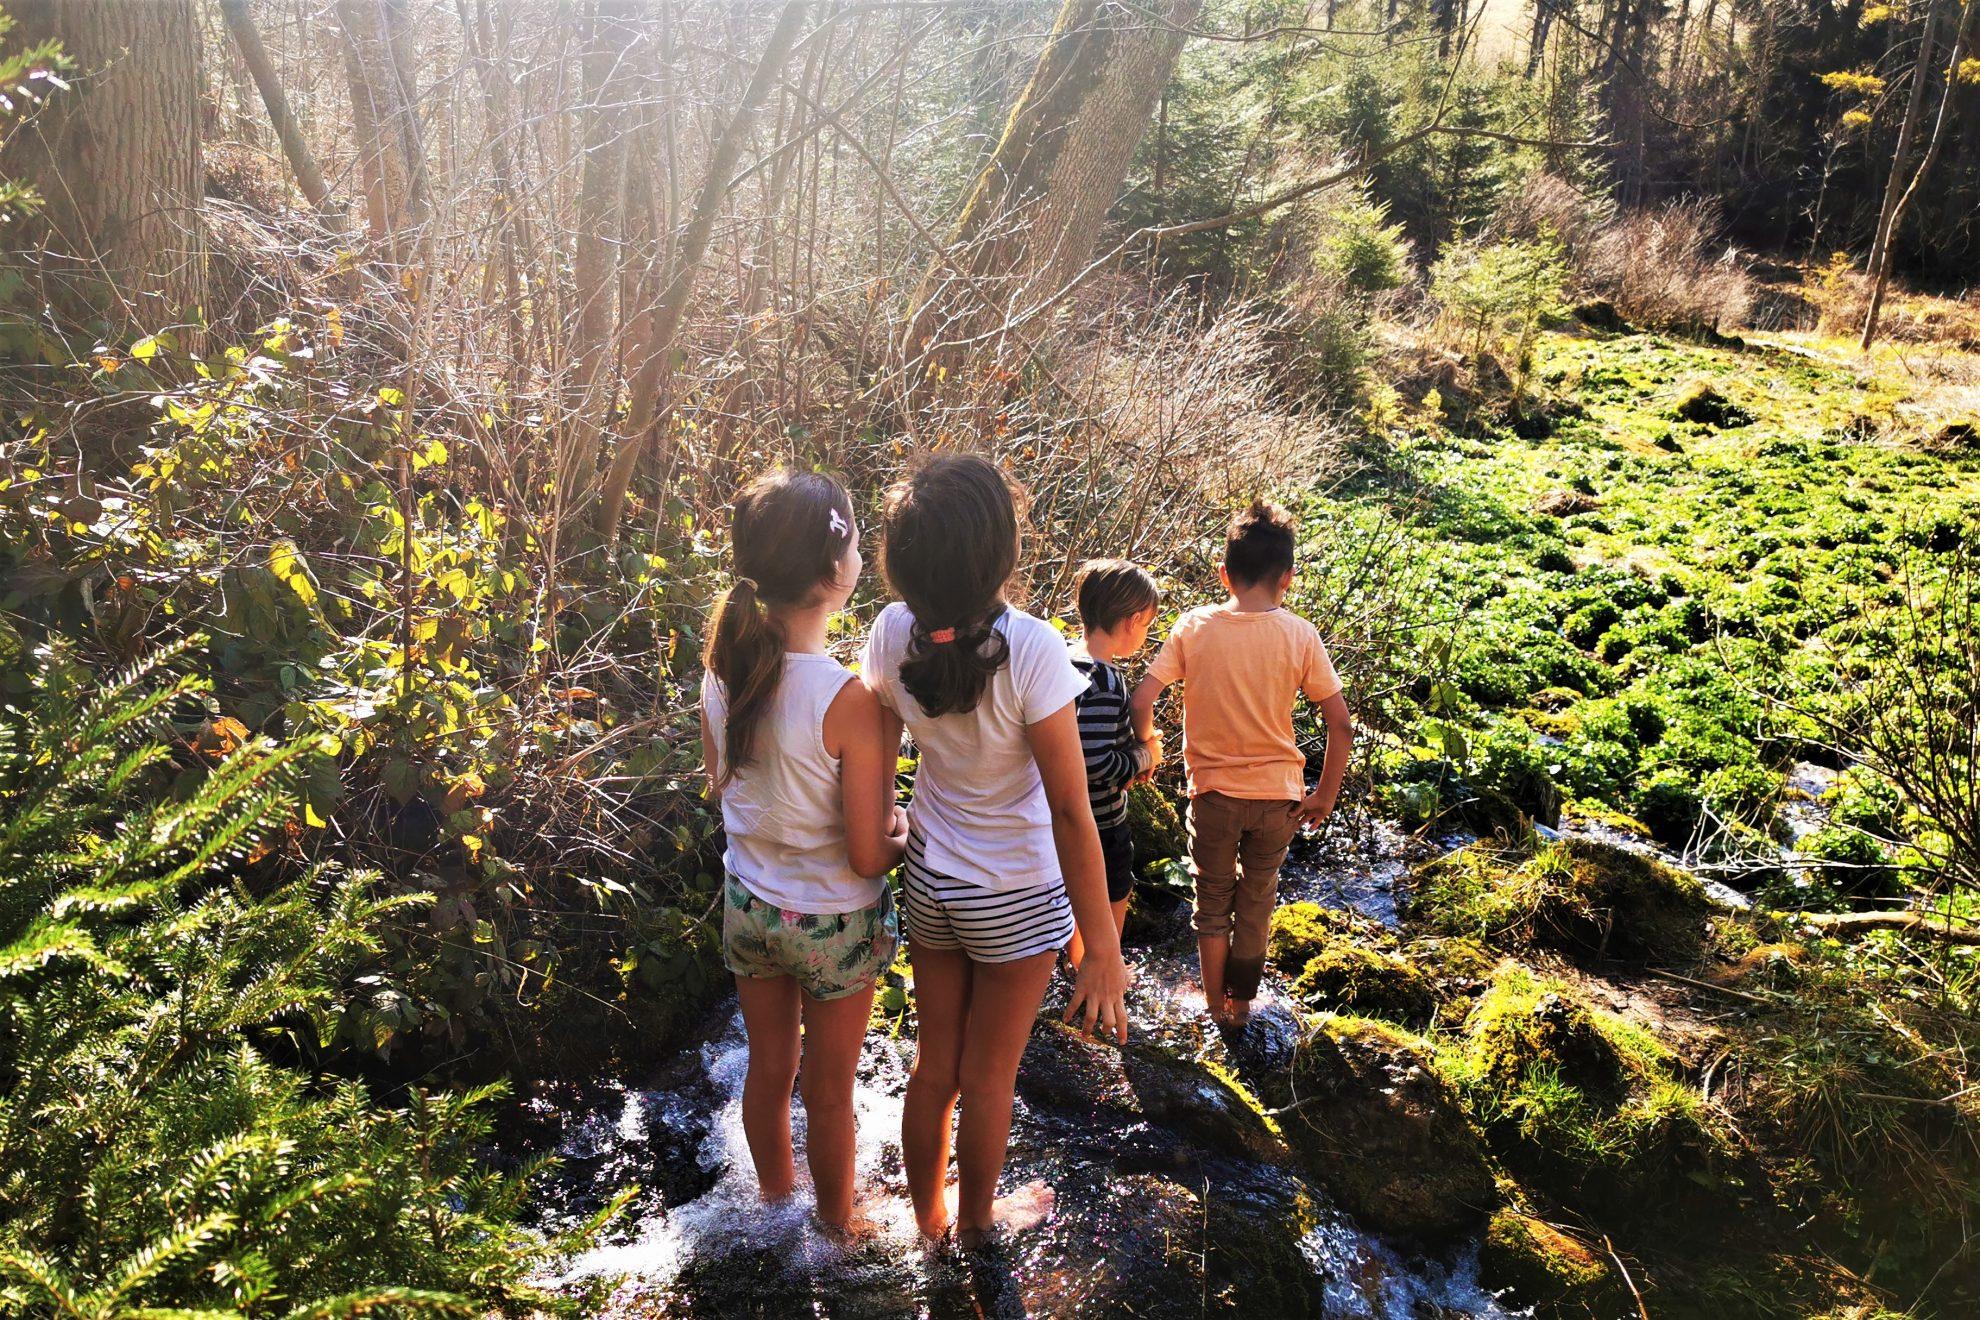 Du suchst nach tollen und kostenlosen Ausflugstipps im Unterallgäu? Dann bist du hier genau richtig. Hier findest du meine Top10 für Familien